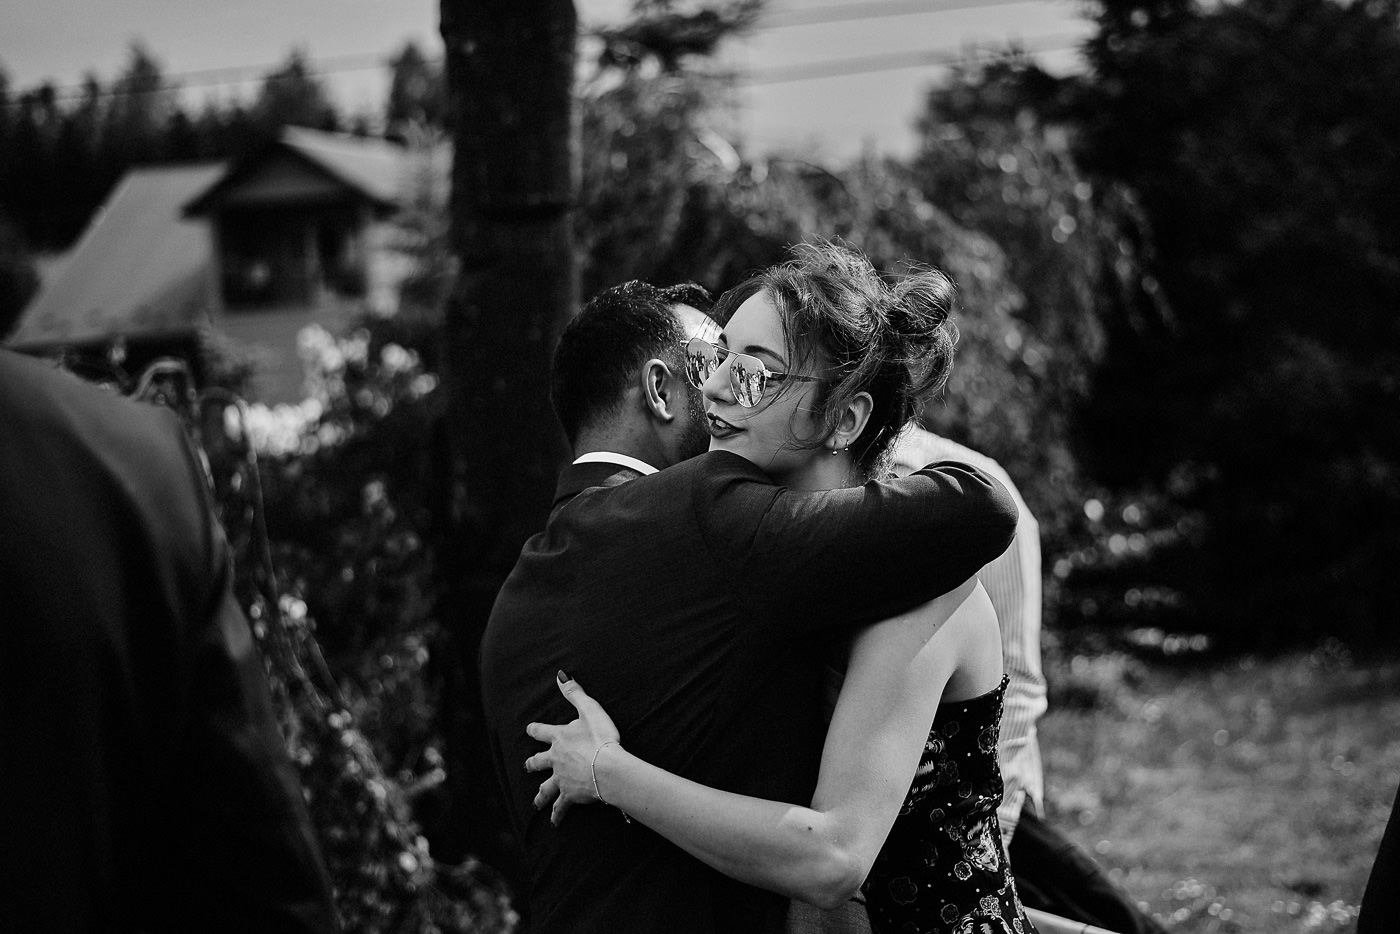 slub-sanok-fotograf sanok-krzysiekduda-129